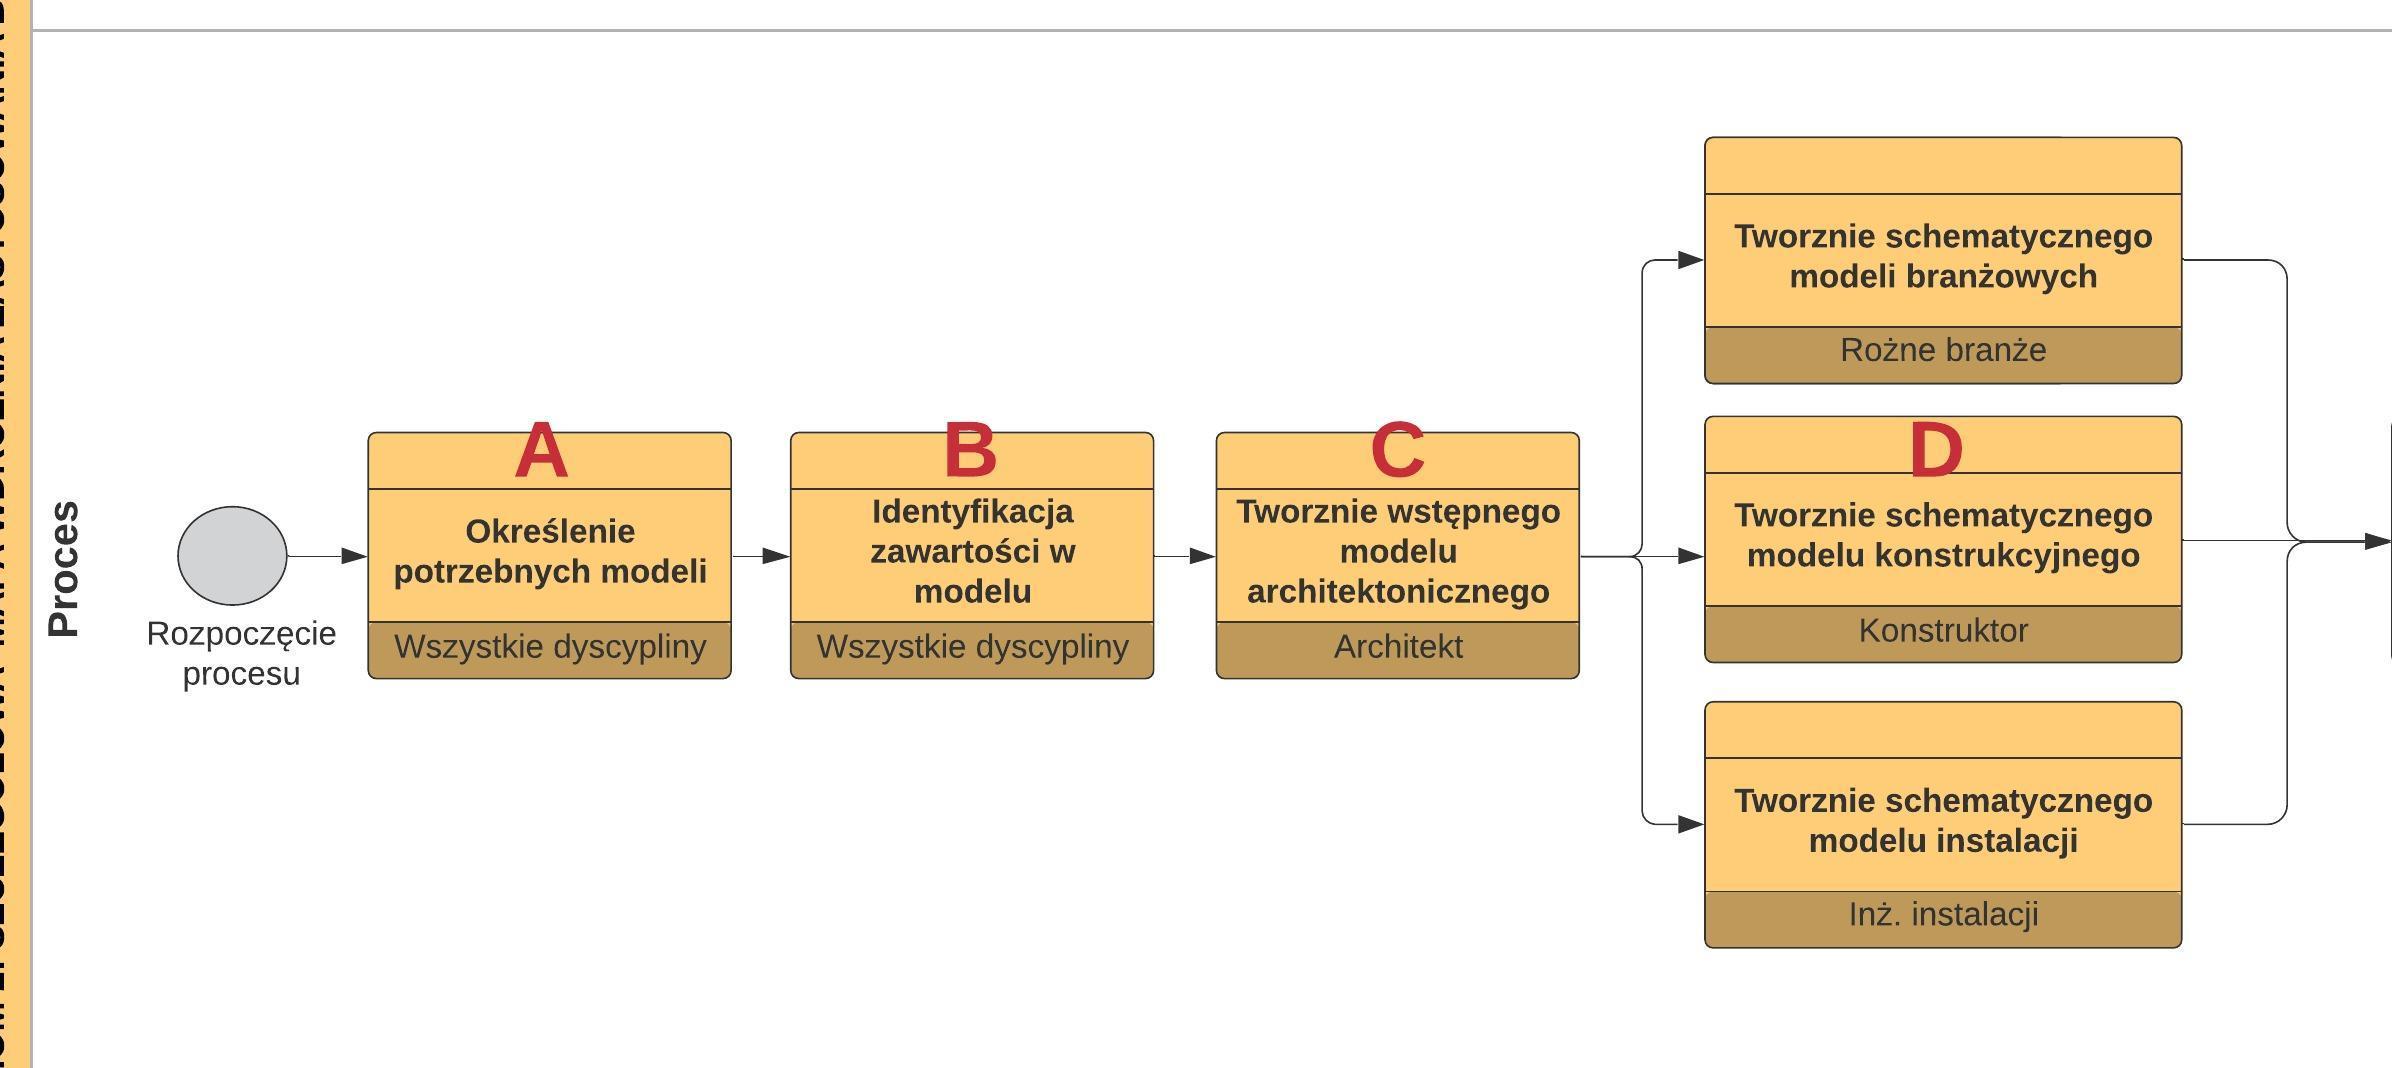 rocesy w szczegółowej mapie